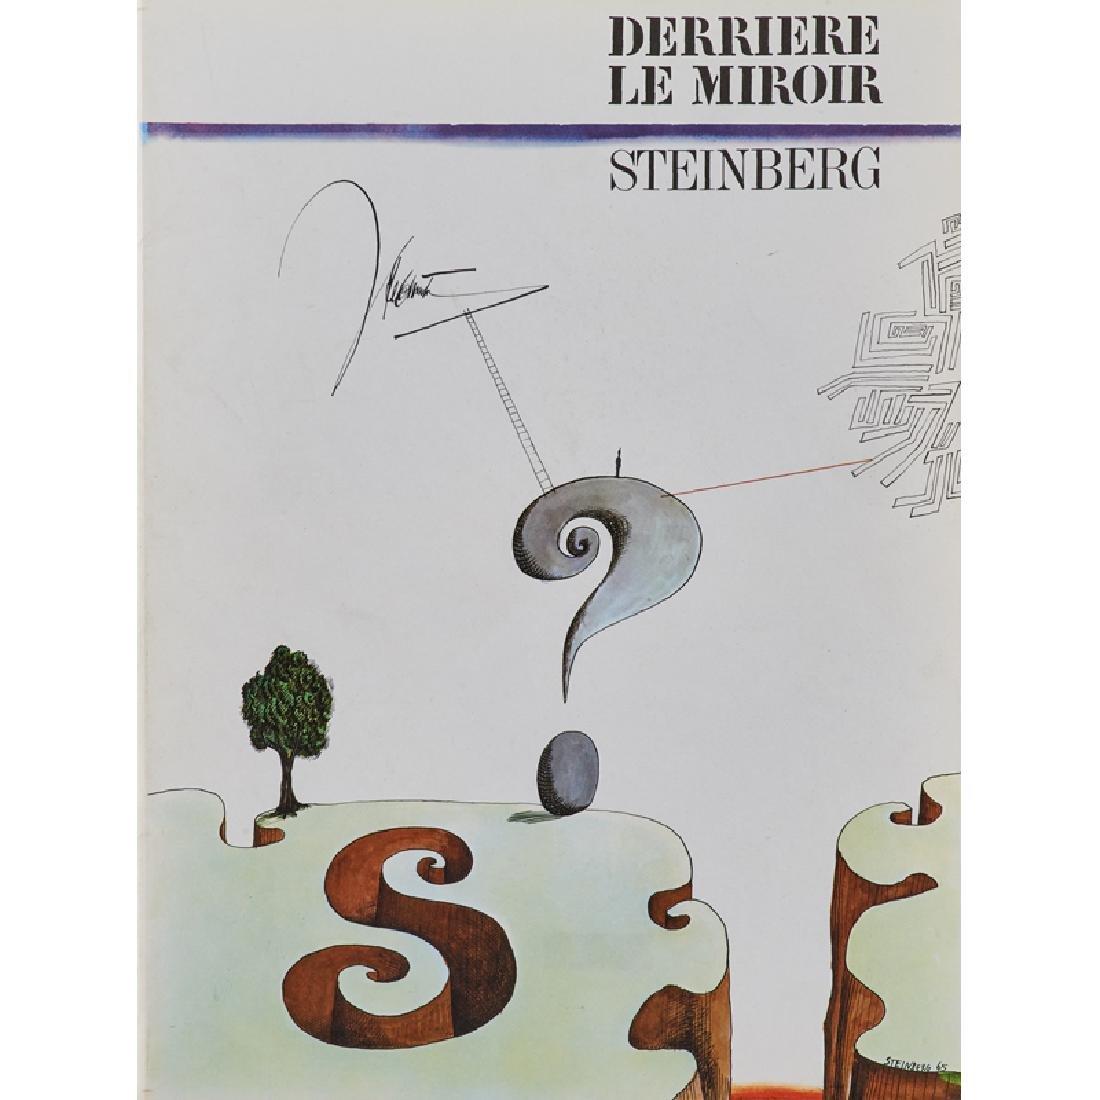 DERRIéRE LE MIROIR - 7